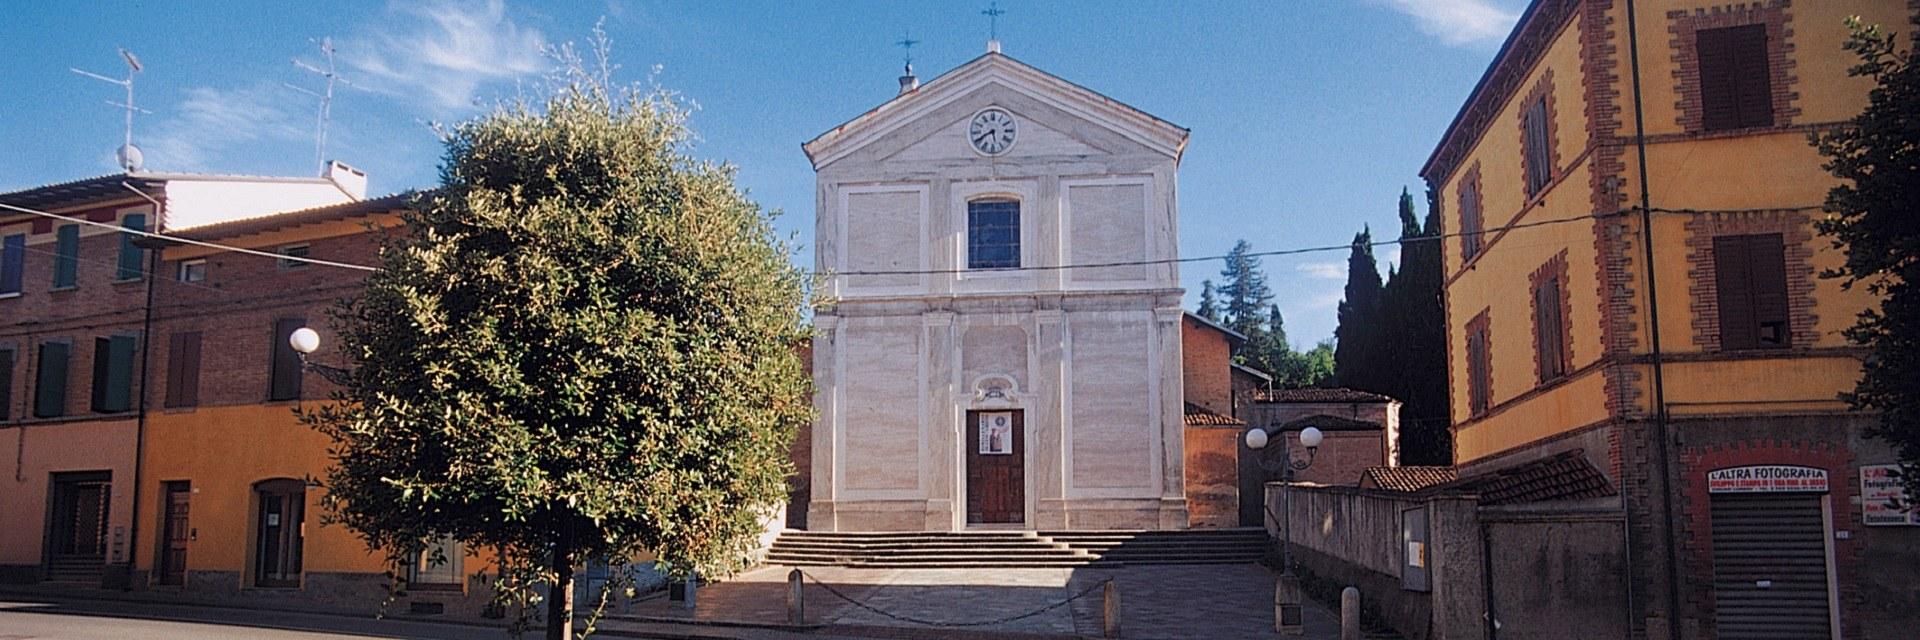 Chiesa parrocchiale di Fiorano